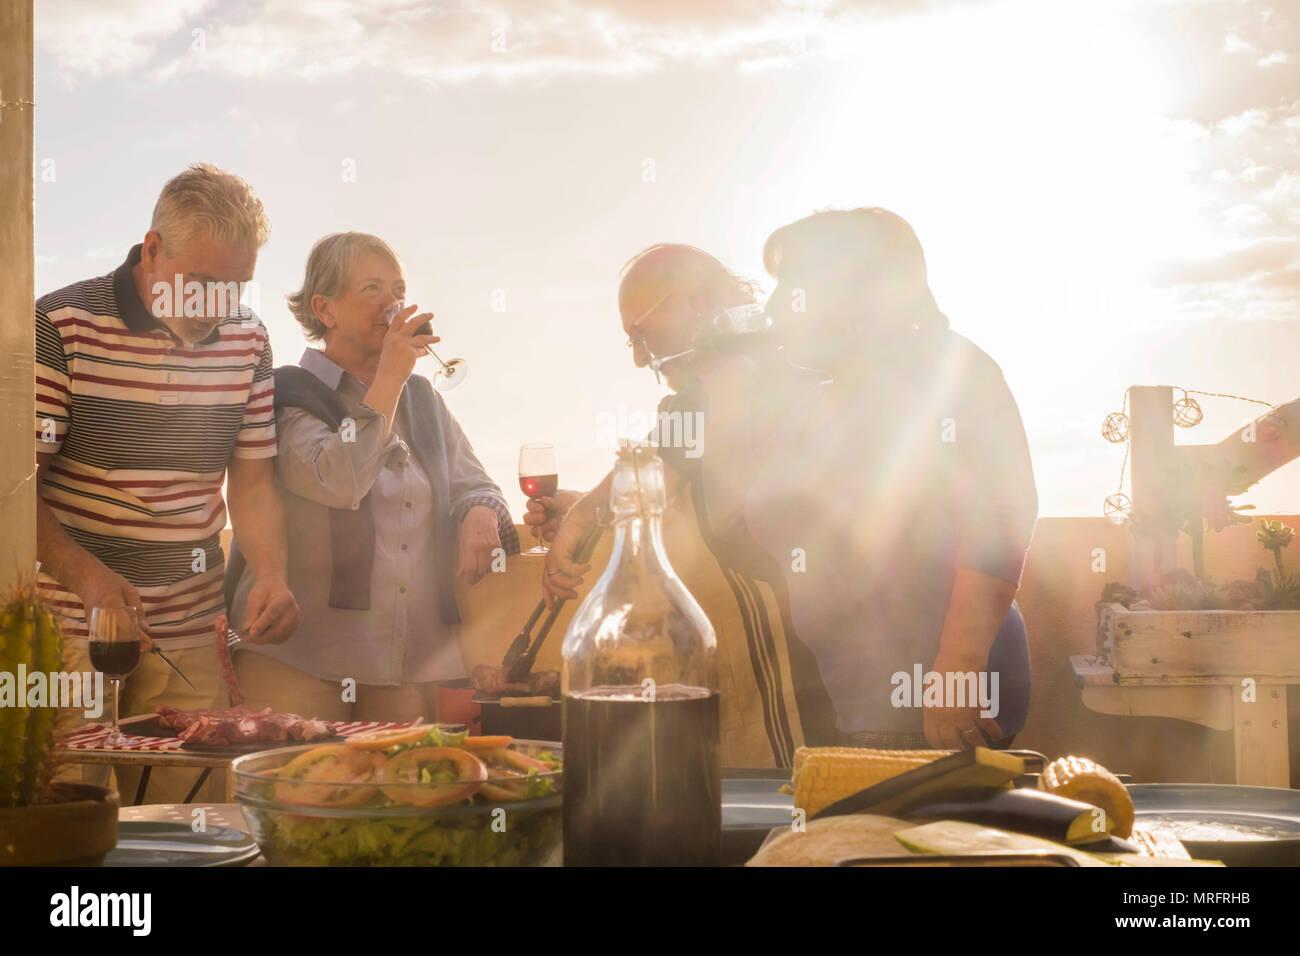 Deux adultes ou deux personnes de race blanche à maturité s'amusant profiter de l'heure du dîner au coucher du soleil sur le toit-terrasse piscine à la maison. tons dorés de leis Photo Stock